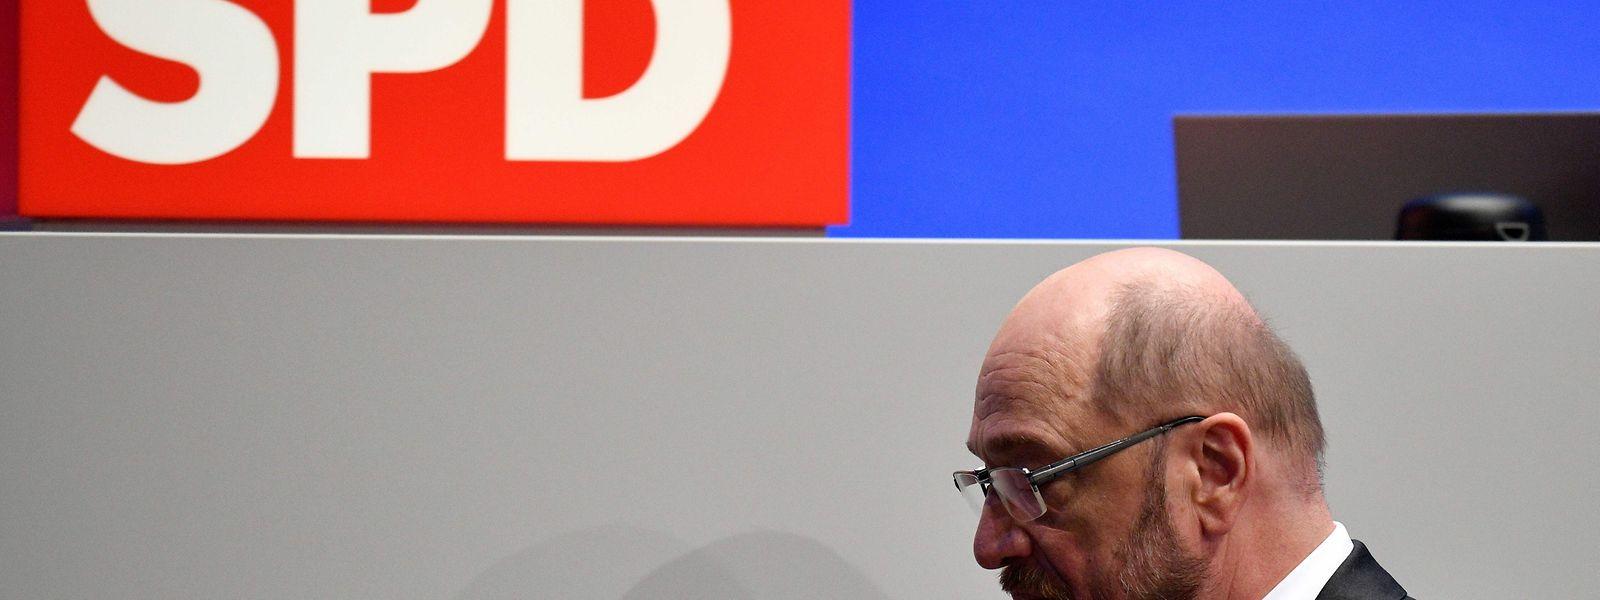 Les délégués du parti réunis à Bonn ont approuvé d'une courte tête, 362 voix pour sur 642.